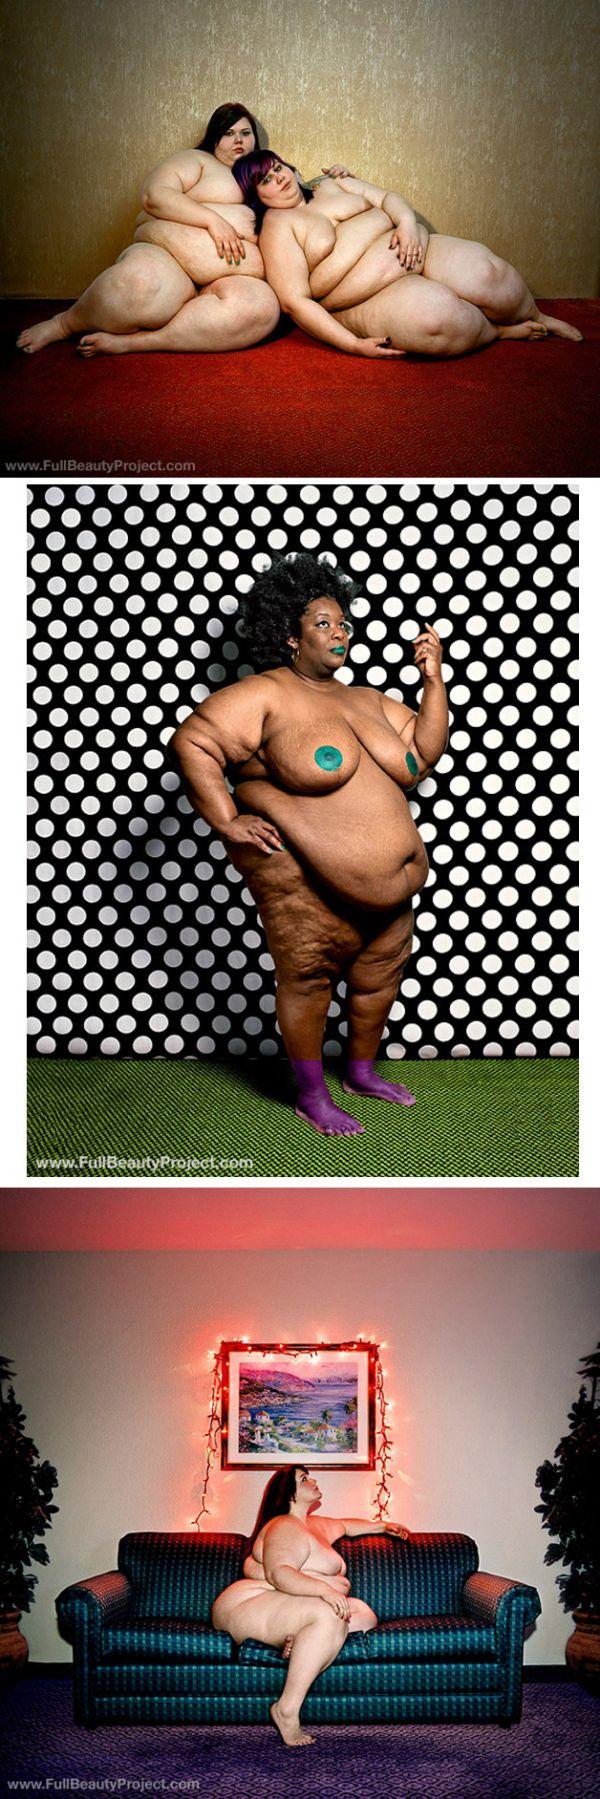 FULLBEAUTY: fotos de obesas mórbidas desnudas (5)